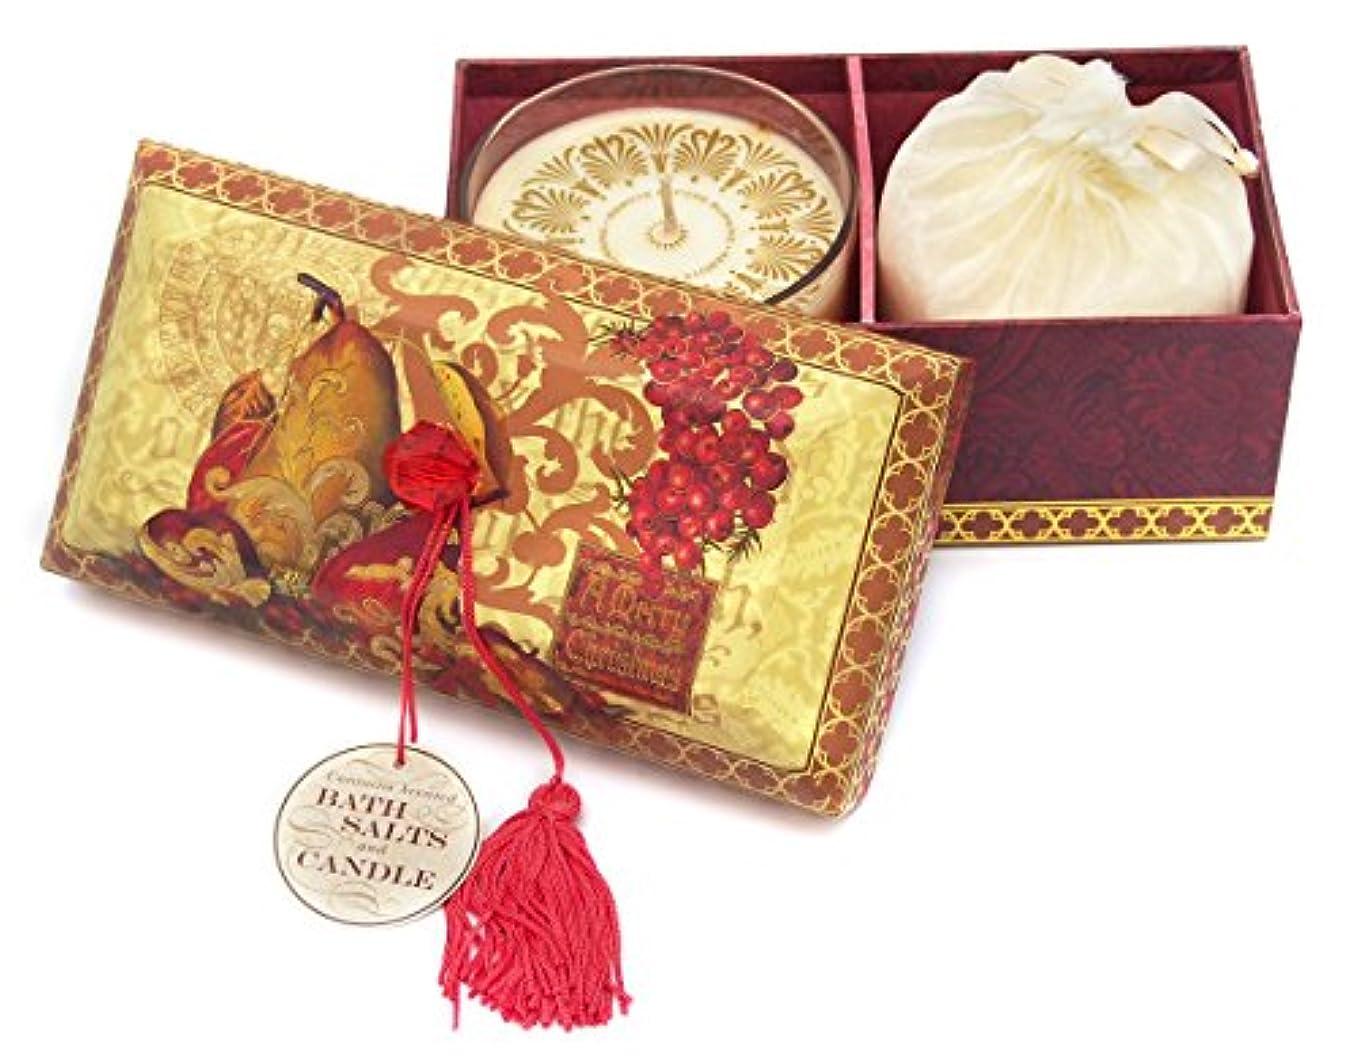 胆嚢すなわちオッズパンチスタジオ バスソルト&キャンドル A Merry Christmas 55003